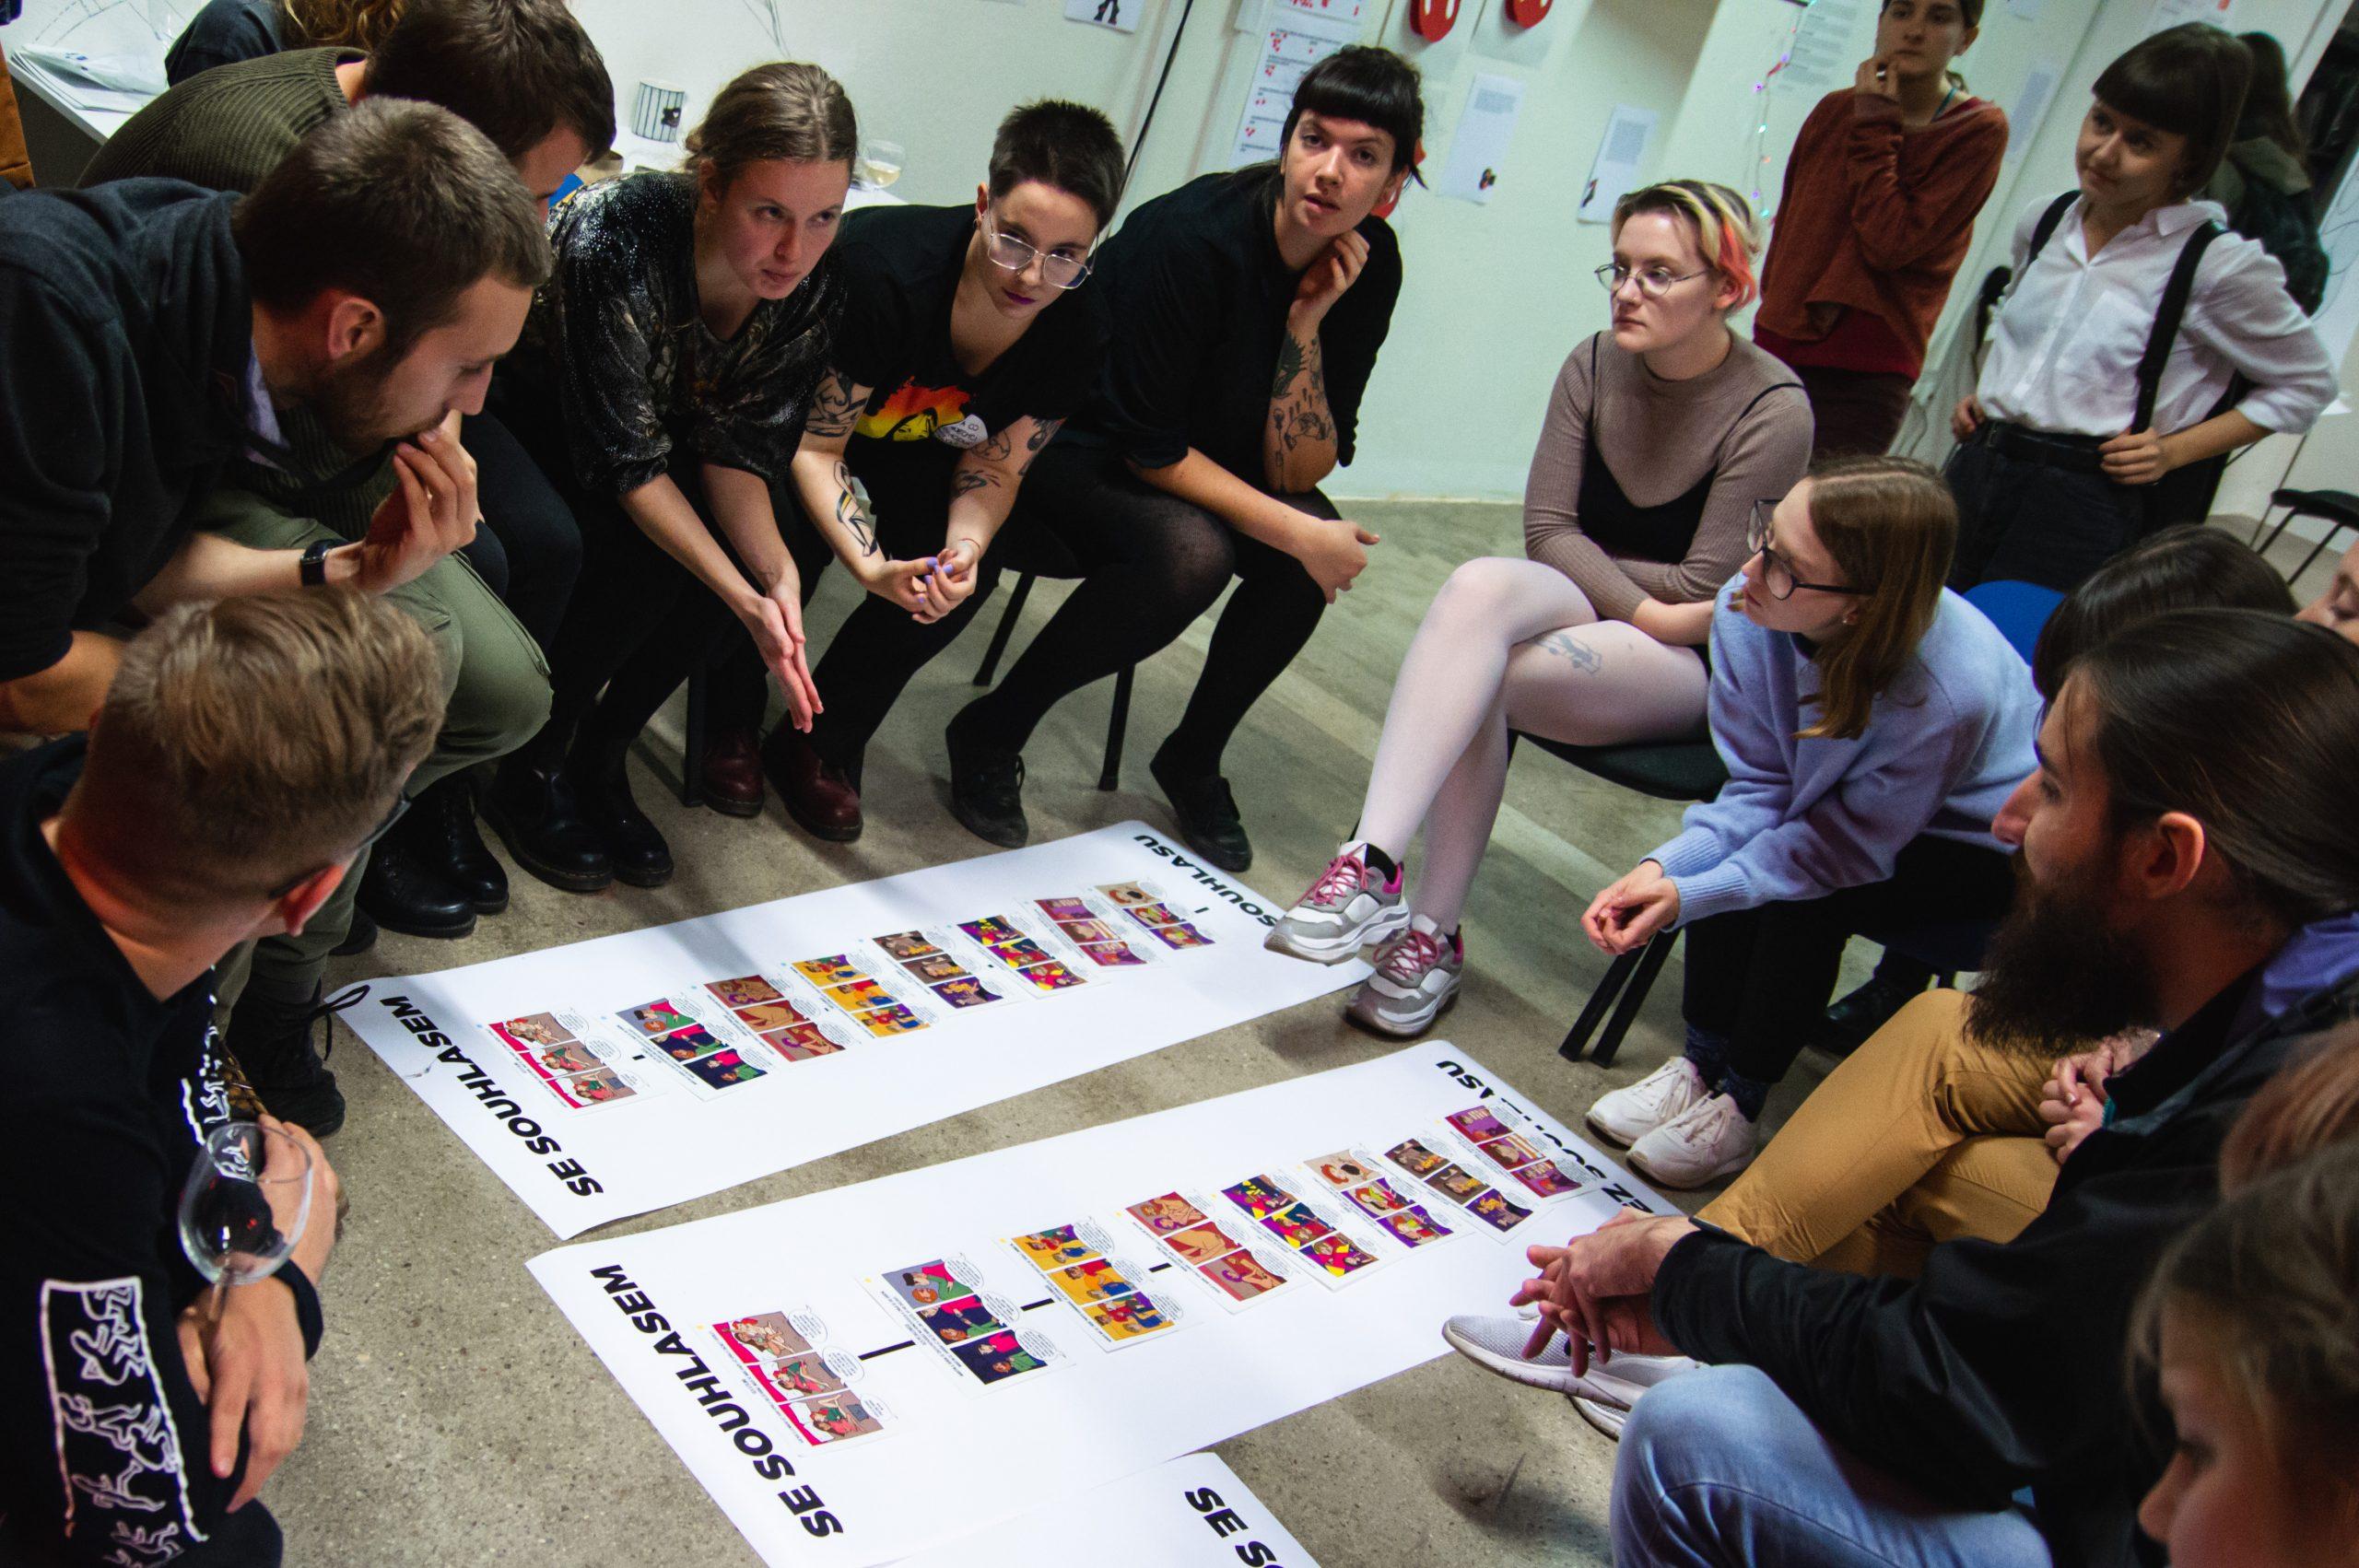 RozUzlení: NESEHNUTÍ a další organizace podávají stížnost k České lékařské komoře